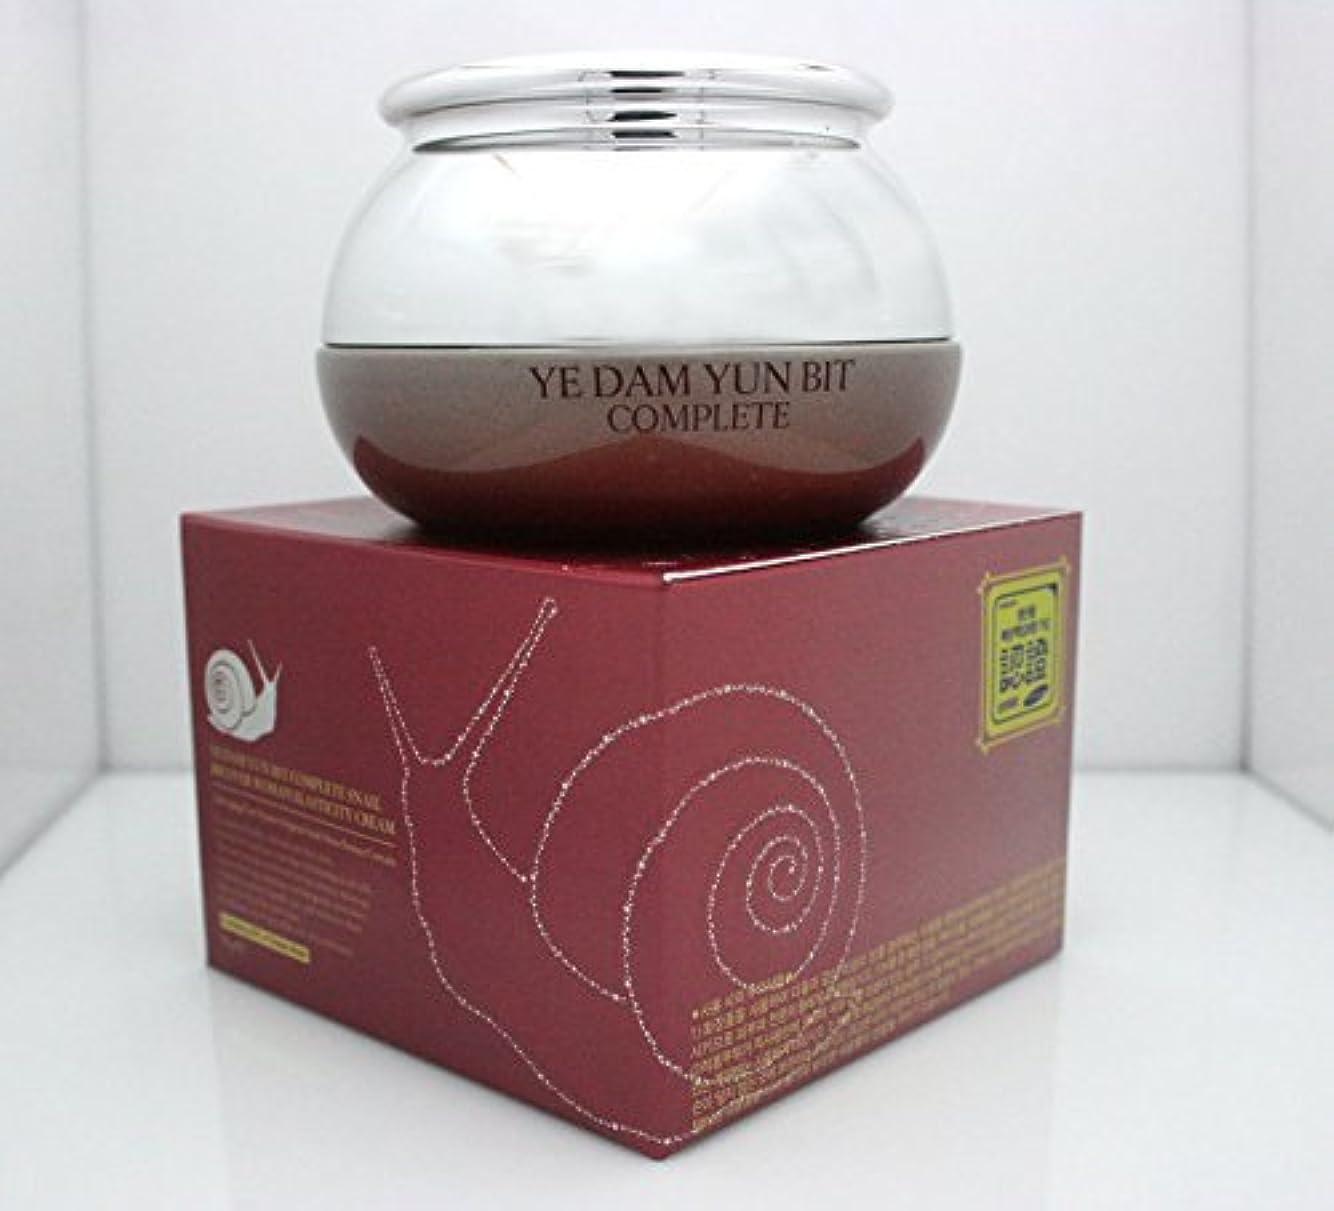 お手入れ厚いミス[YEDAM YUNBIT] 完全なカタツムリ?リフト?リフティング?クリーム50g/韓国化粧品/Complete Snail Recover Lifting Cream 50g/Korean cosmetics [並行輸入品]